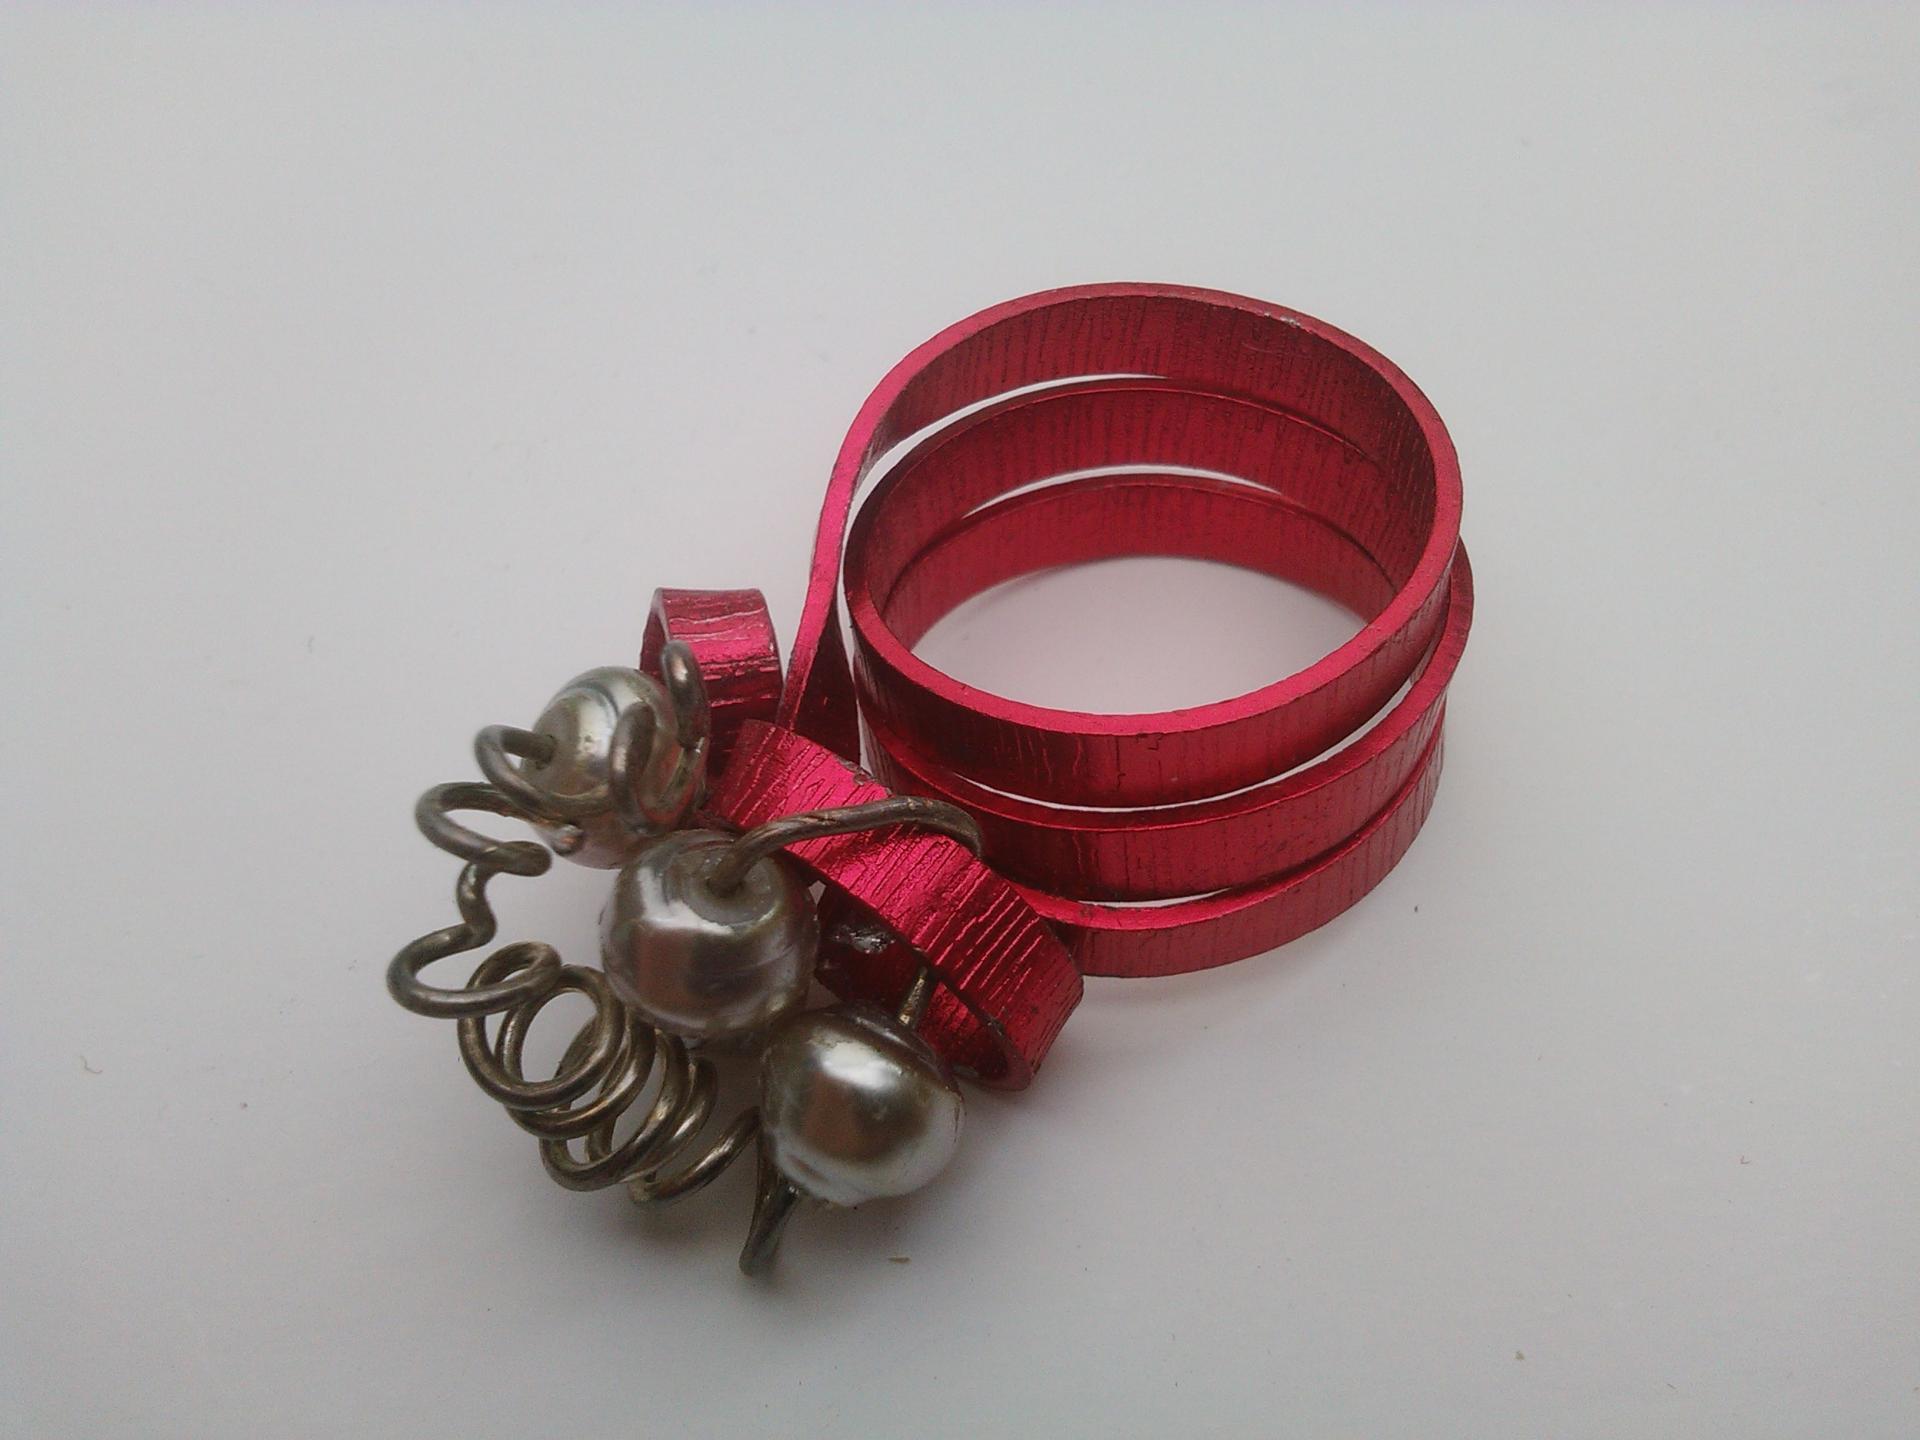 Parure bague marquise qualite materiaux precieux fantaisie perles de qualite fils tresses couleurs travaillees main pieces de dentelle brodees main fifi au jardin precious